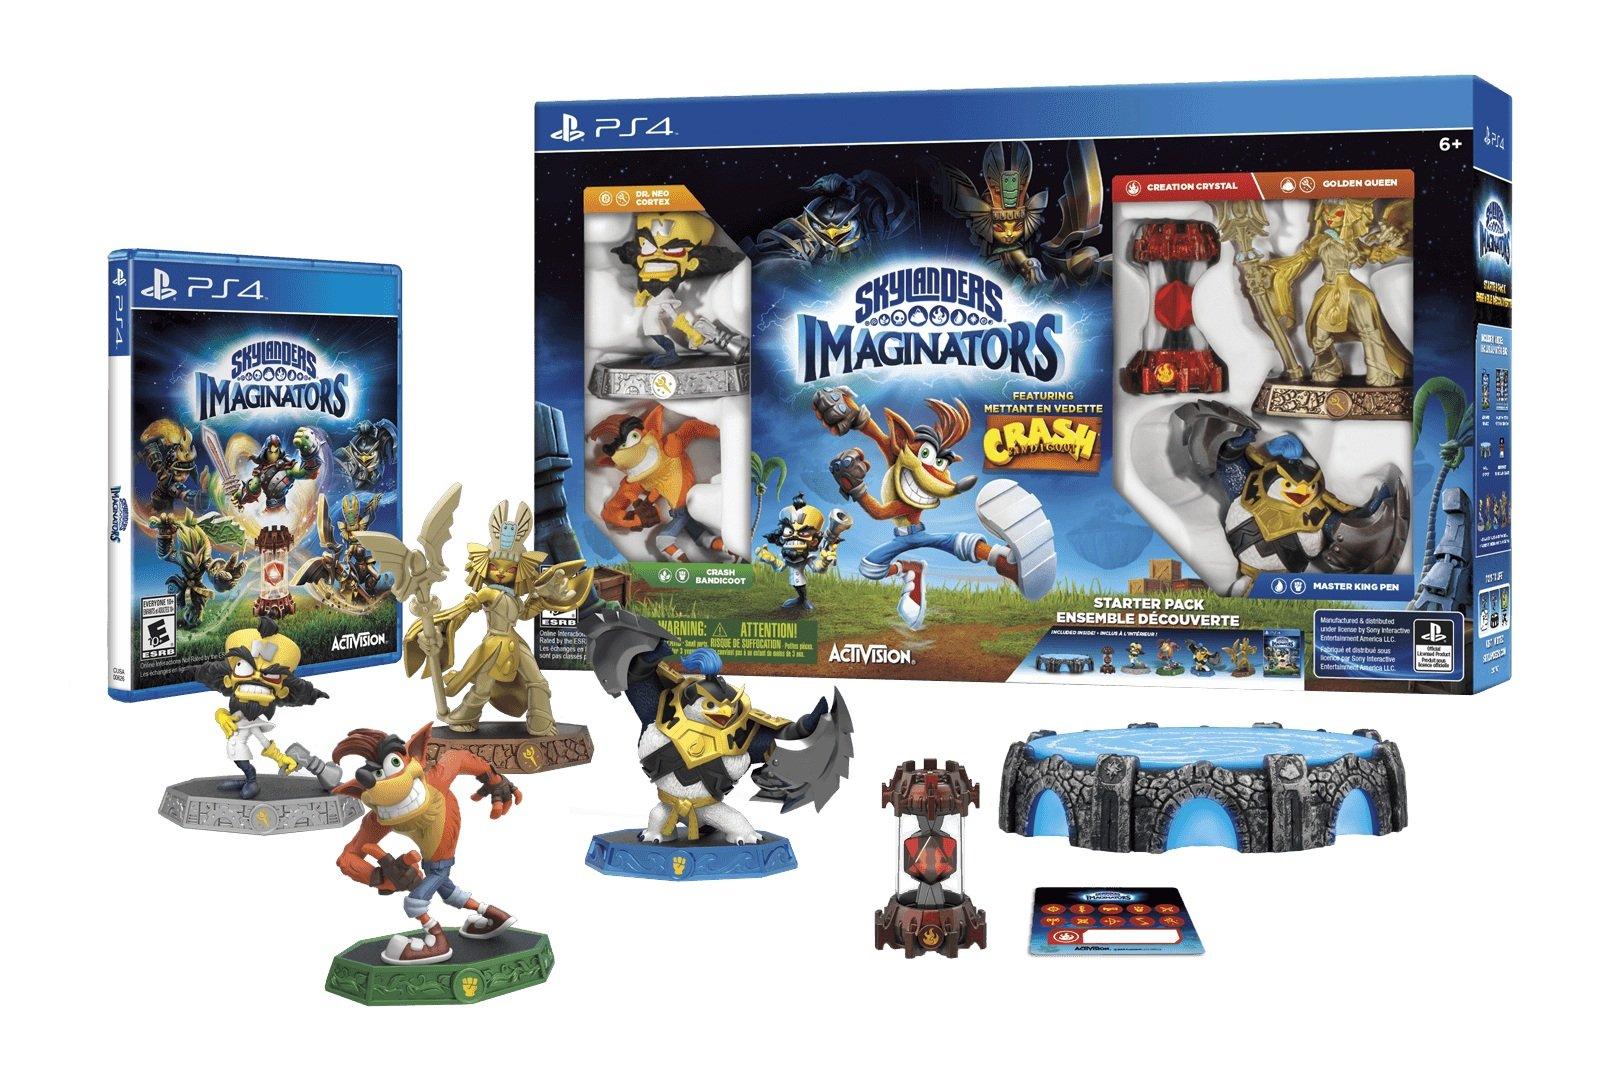 Skylanders Imaginators поступил в продажу! - Изображение 1